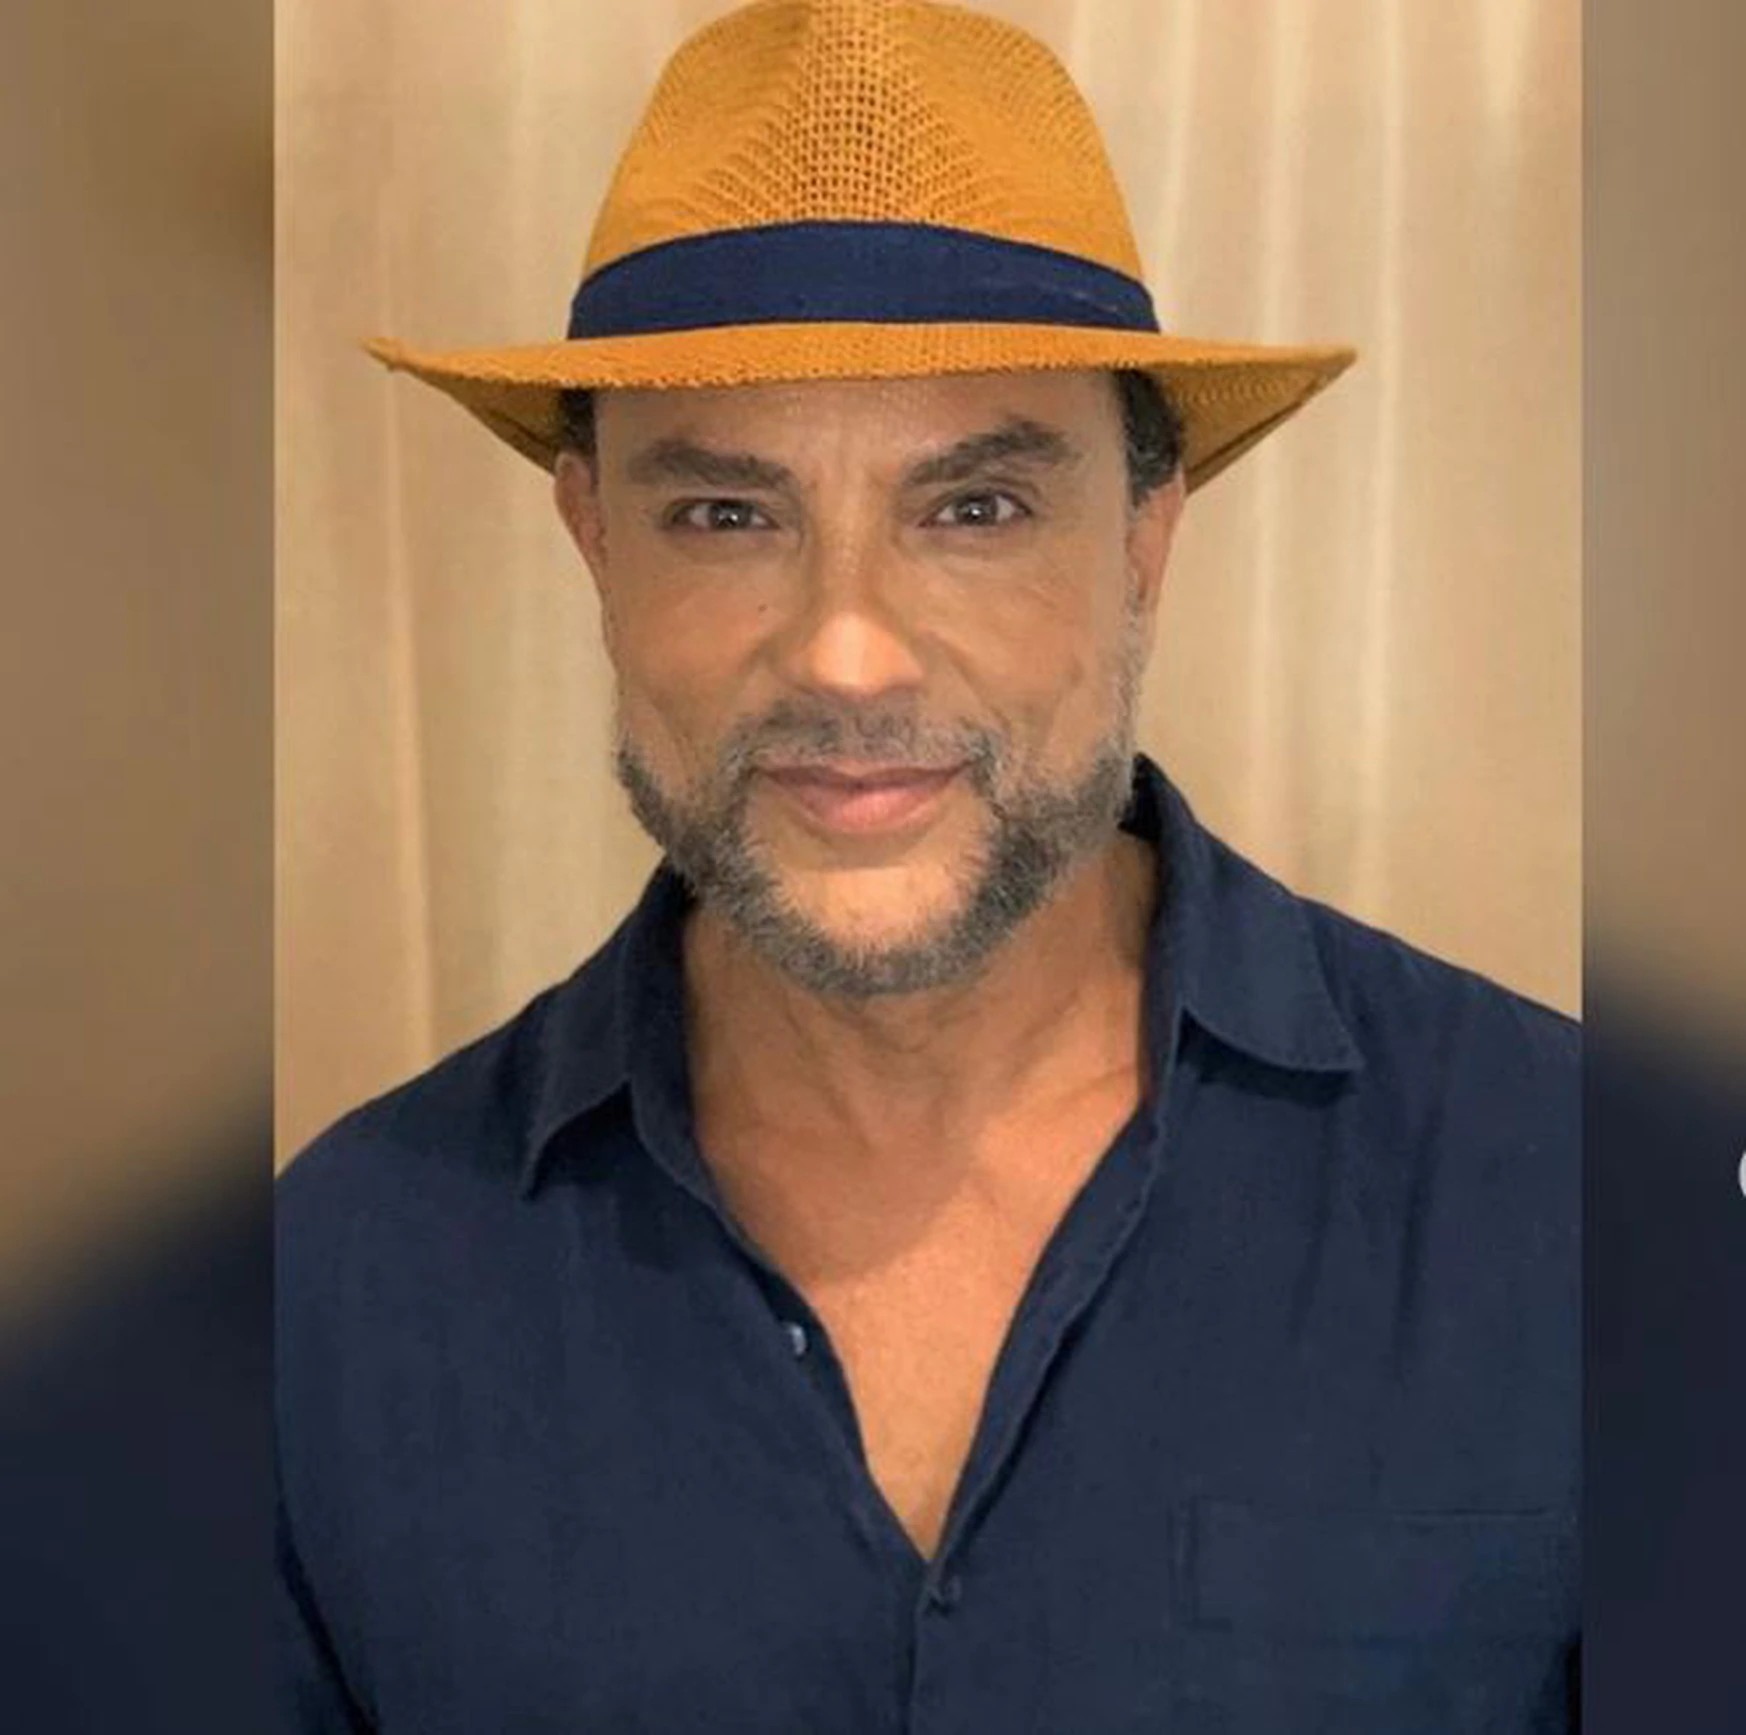 El actor lo experimentó en el apartamento donde se hospeda, en Ponce. (Instagram)